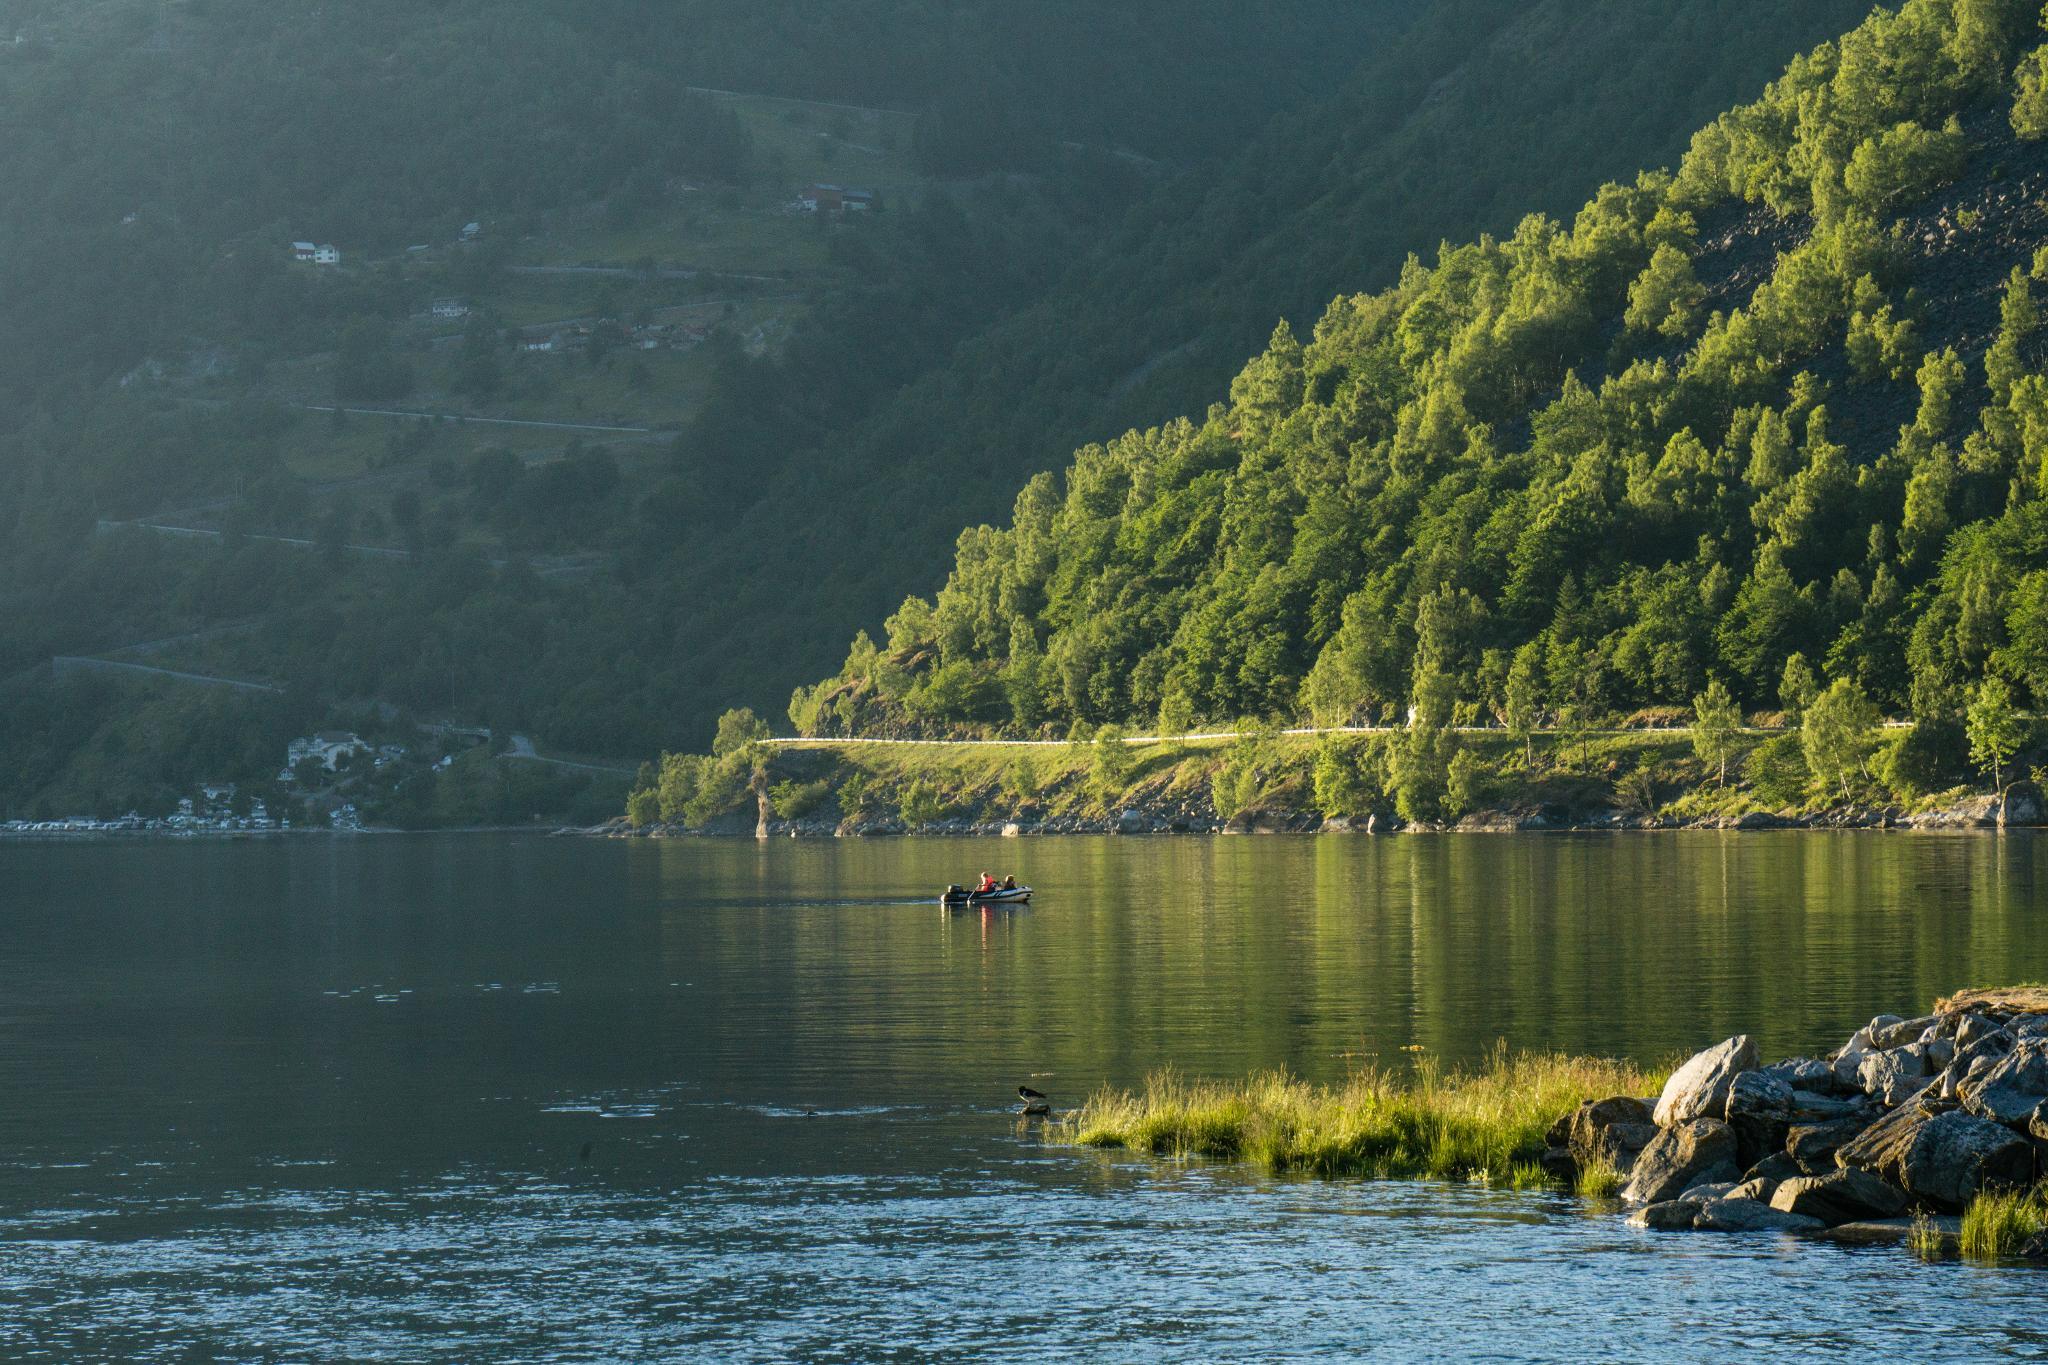 【北歐露營】在世界遺產峽灣旁露營 — 坐擁壯闊海景第一排的 Geiranger Camping 16